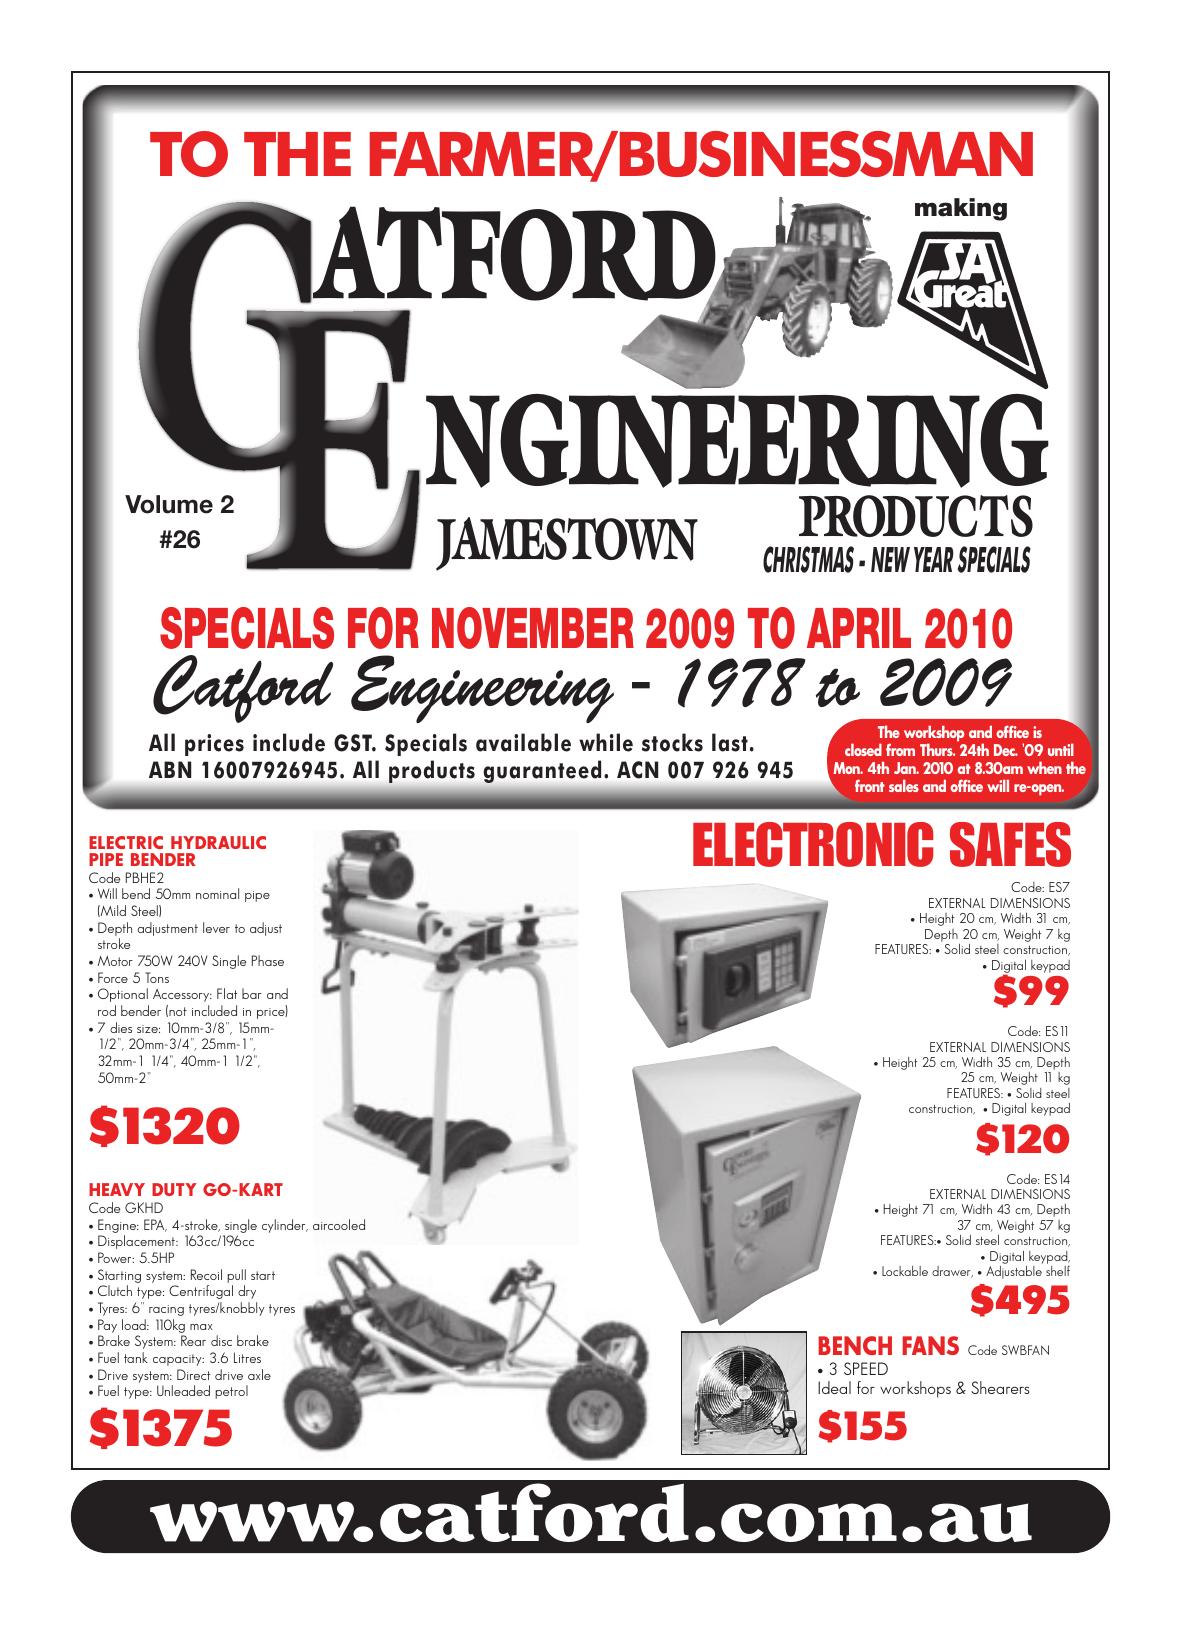 Catford Engineering Gx200 Va2 Engine Jpn Honda Small Cylinder Diagram And Parts